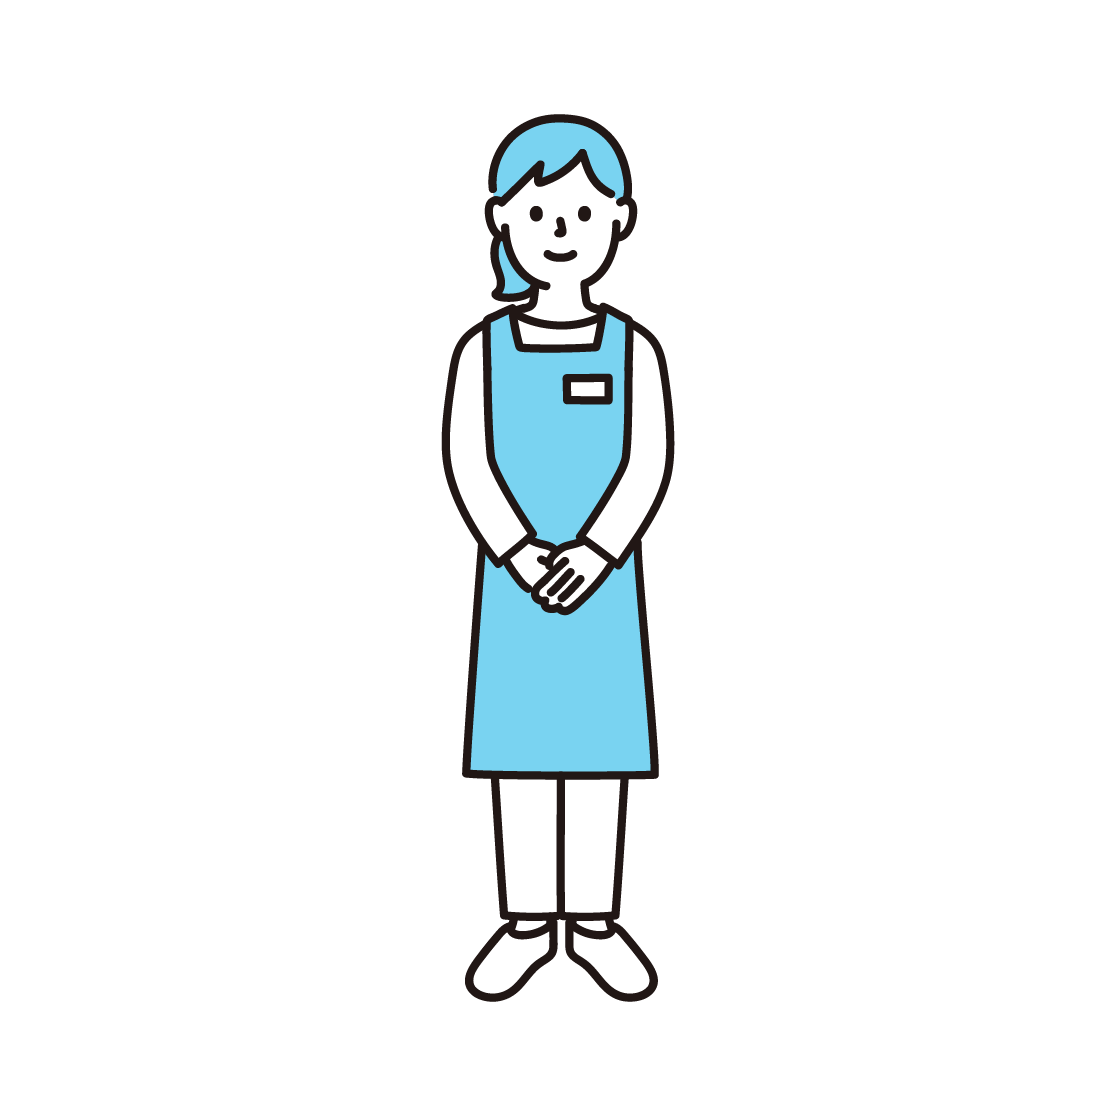 スーパーの店員(女性)の単色イラスト